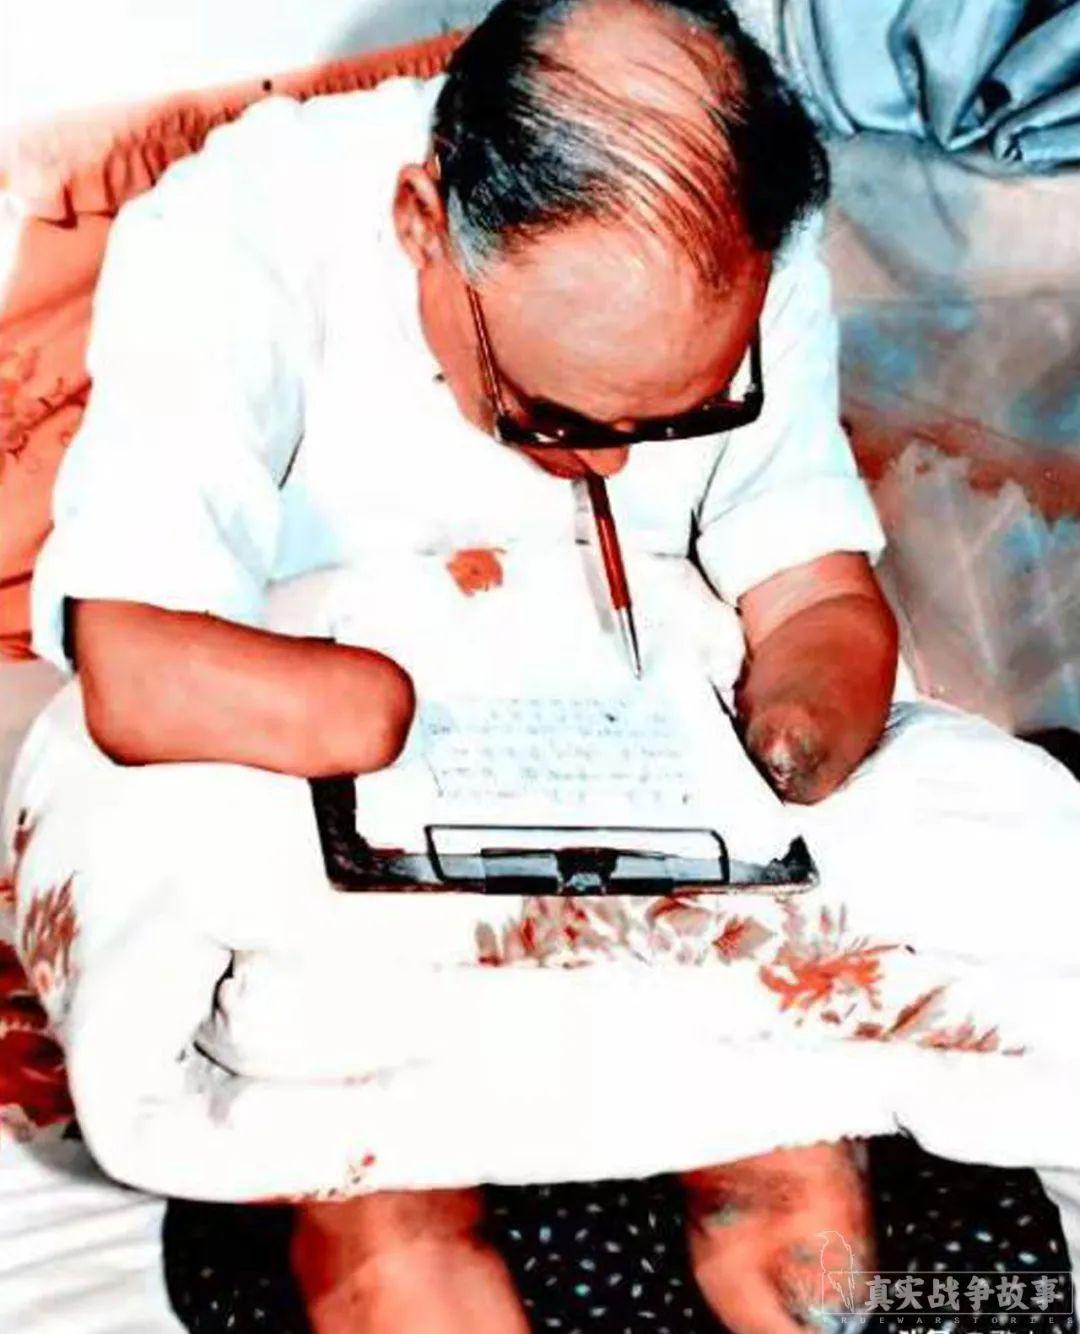 他17岁在长津湖失去四肢,饿得吃掉了自己的眼球 | 冰血长津湖07